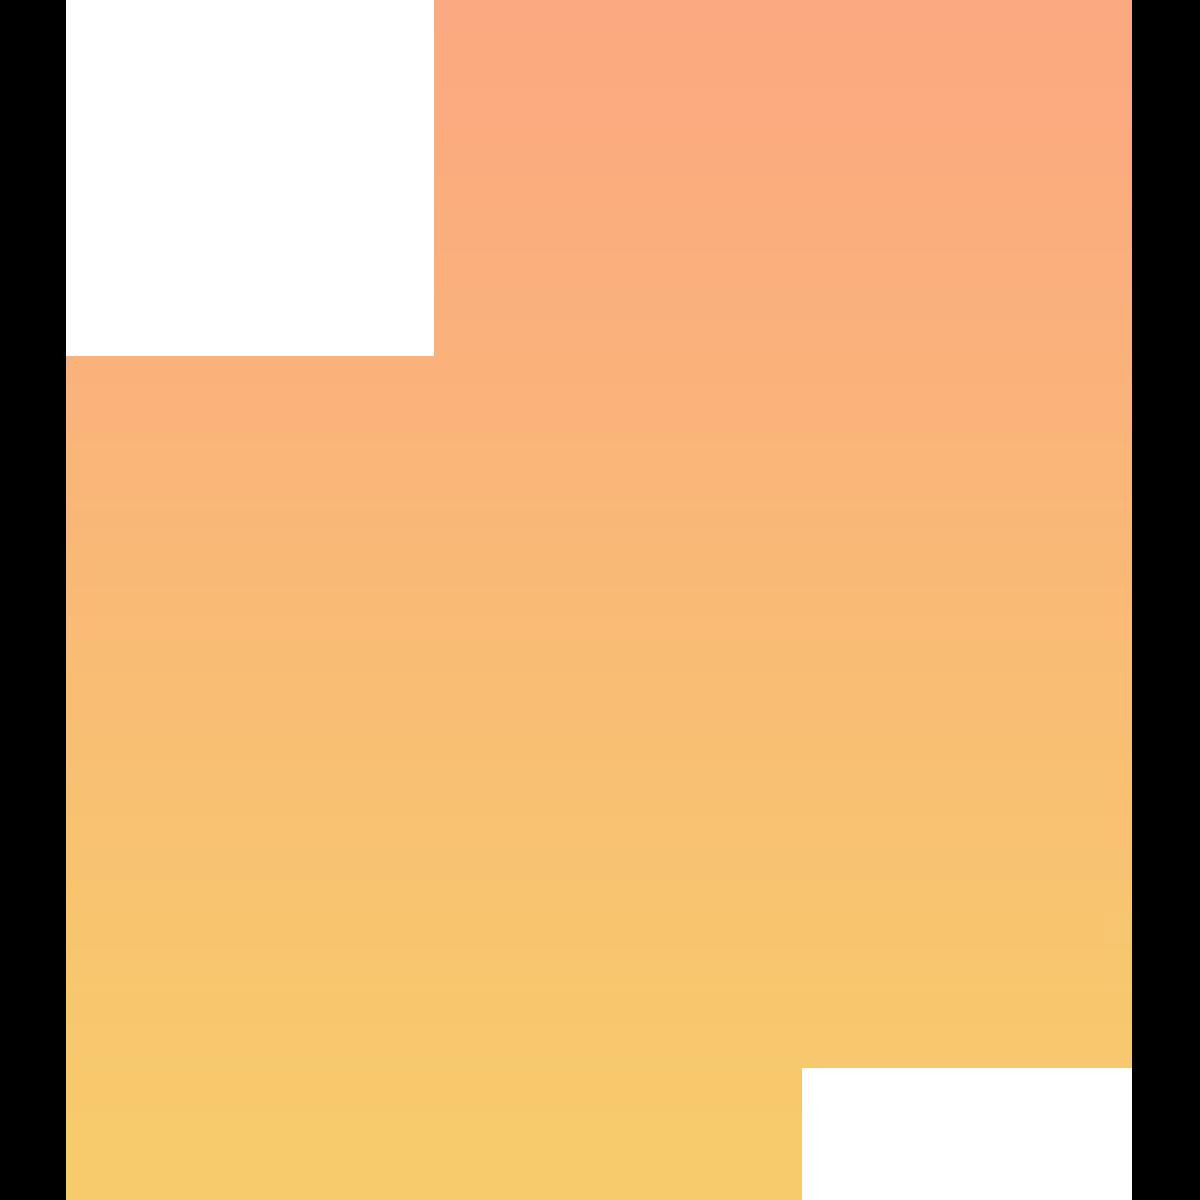 orange tiktok icon